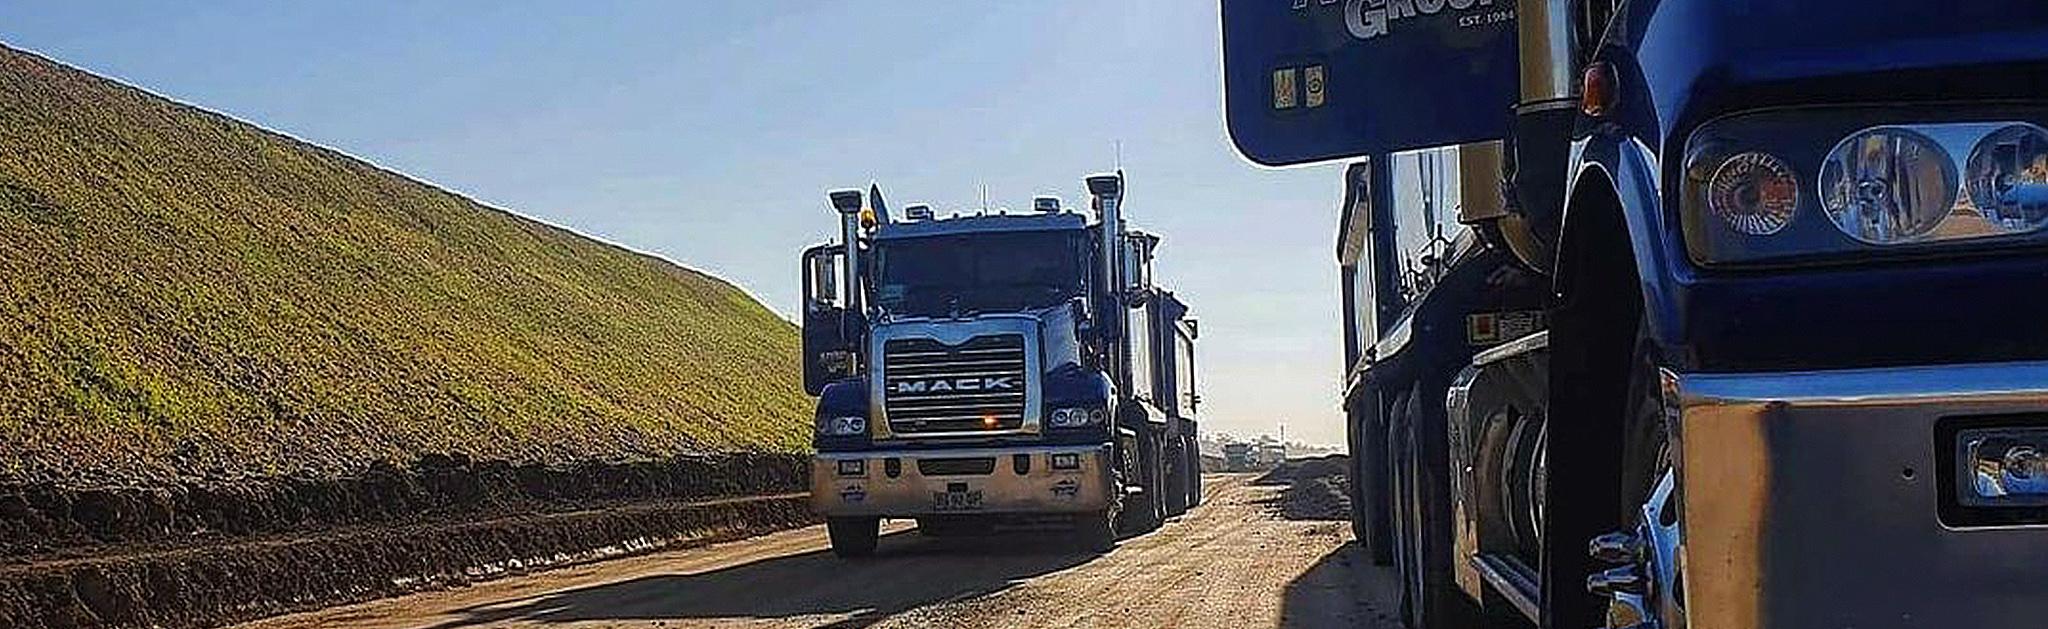 Transportation of bulk goods in NSW